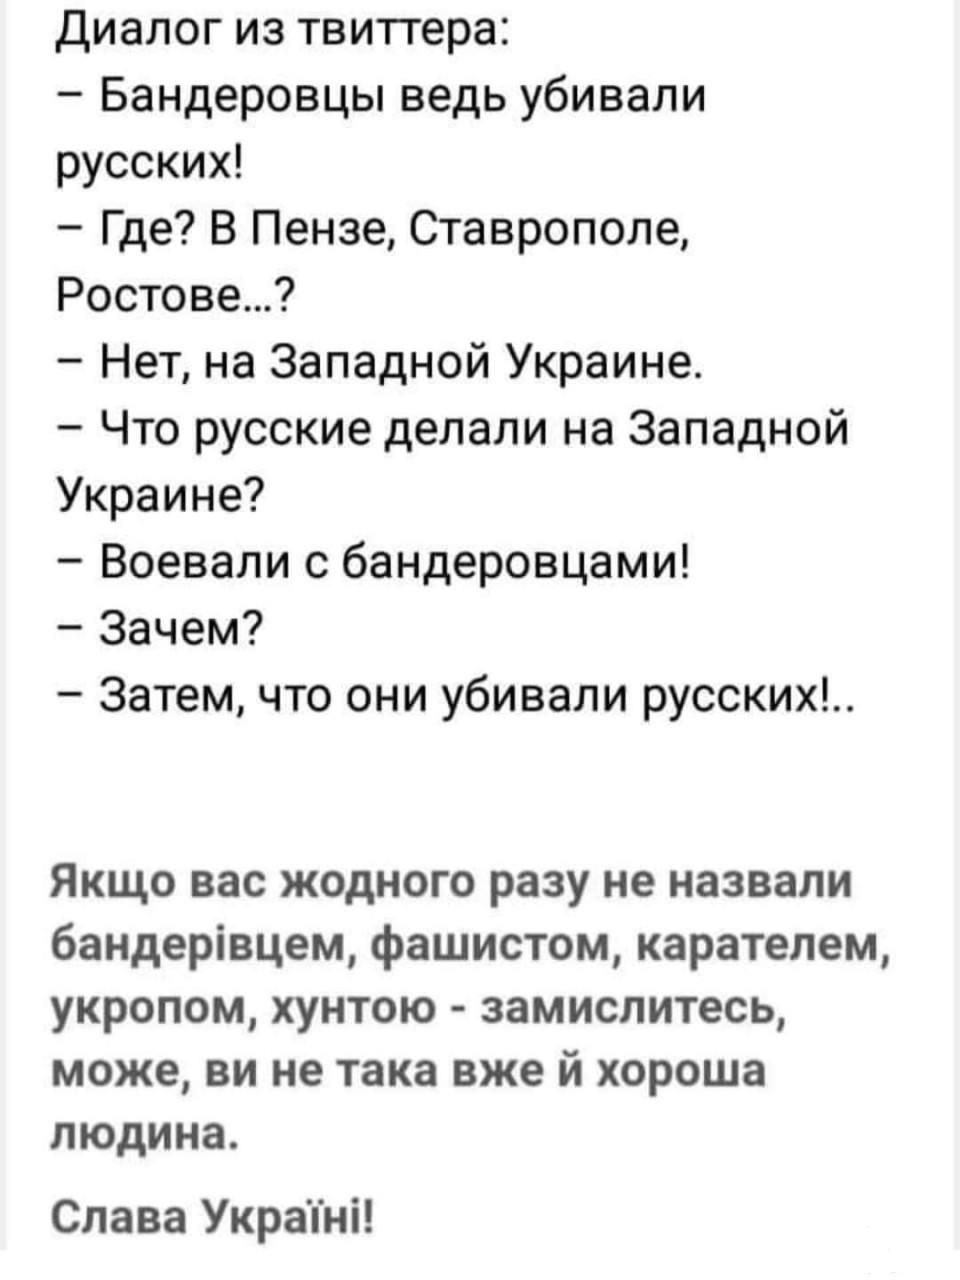 121049 - Украинцы и россияне,откуда ненависть.